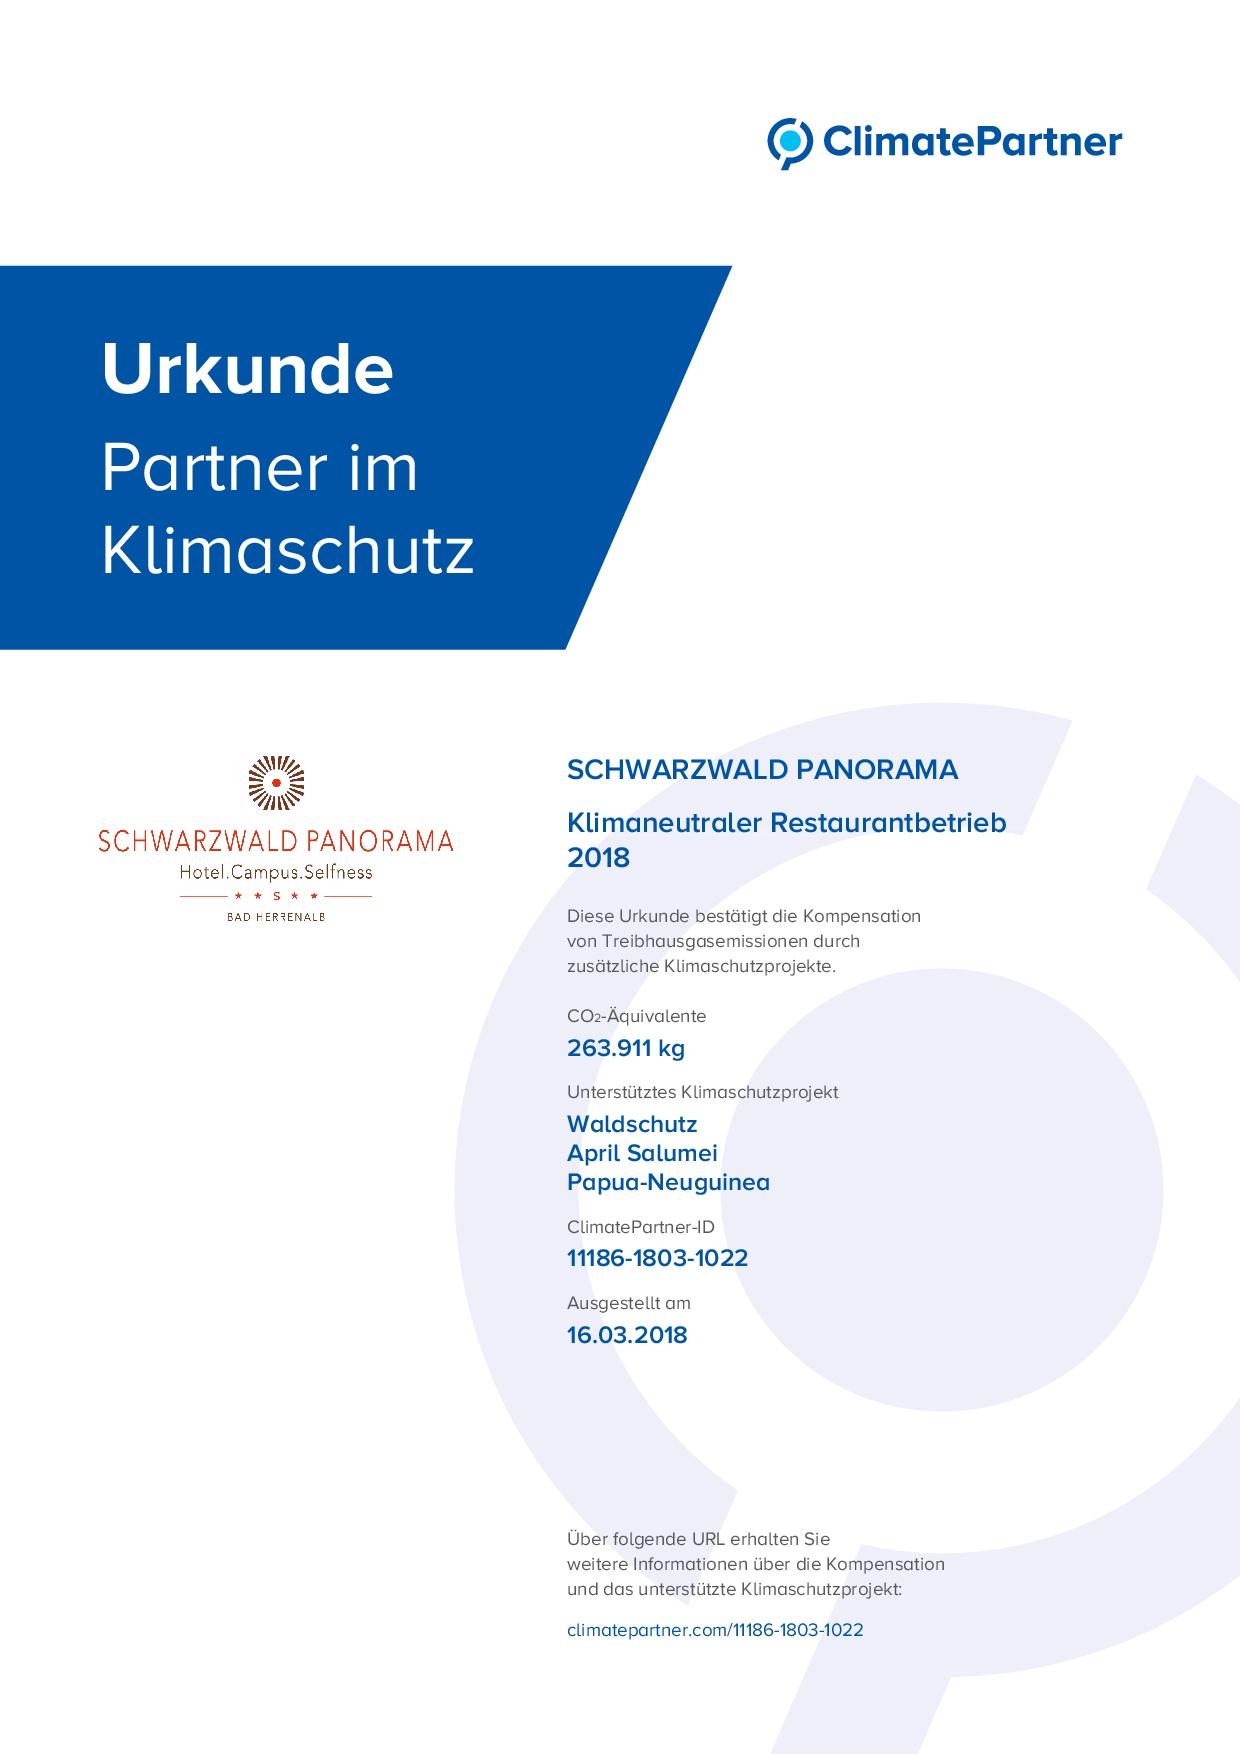 Urkunde von Climate Partner für das Hotel Schwarzwald Panorama für die Kompensation von Treibhausgasemissionen durch zusätzliche Klimaschutzprojekte im Jahr 2016